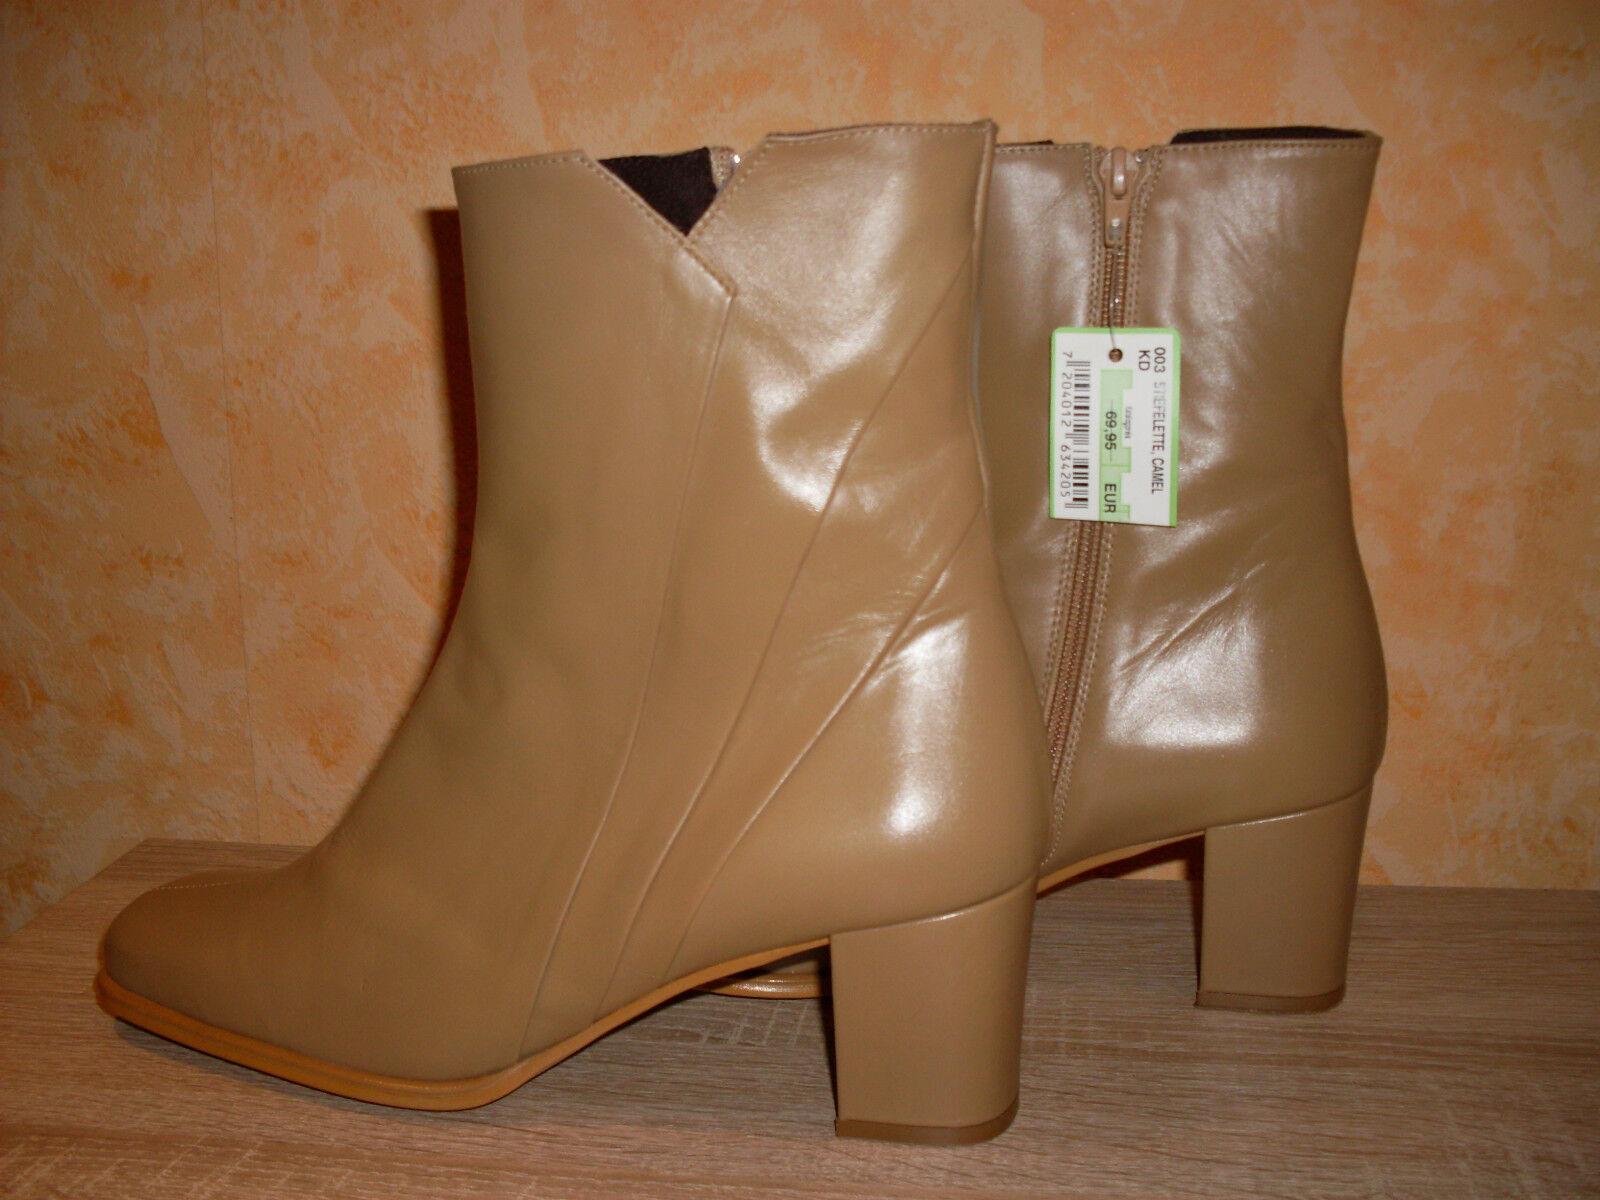 Simple botín pantalones zapato nuevo talla 42 en camelColornem Napa